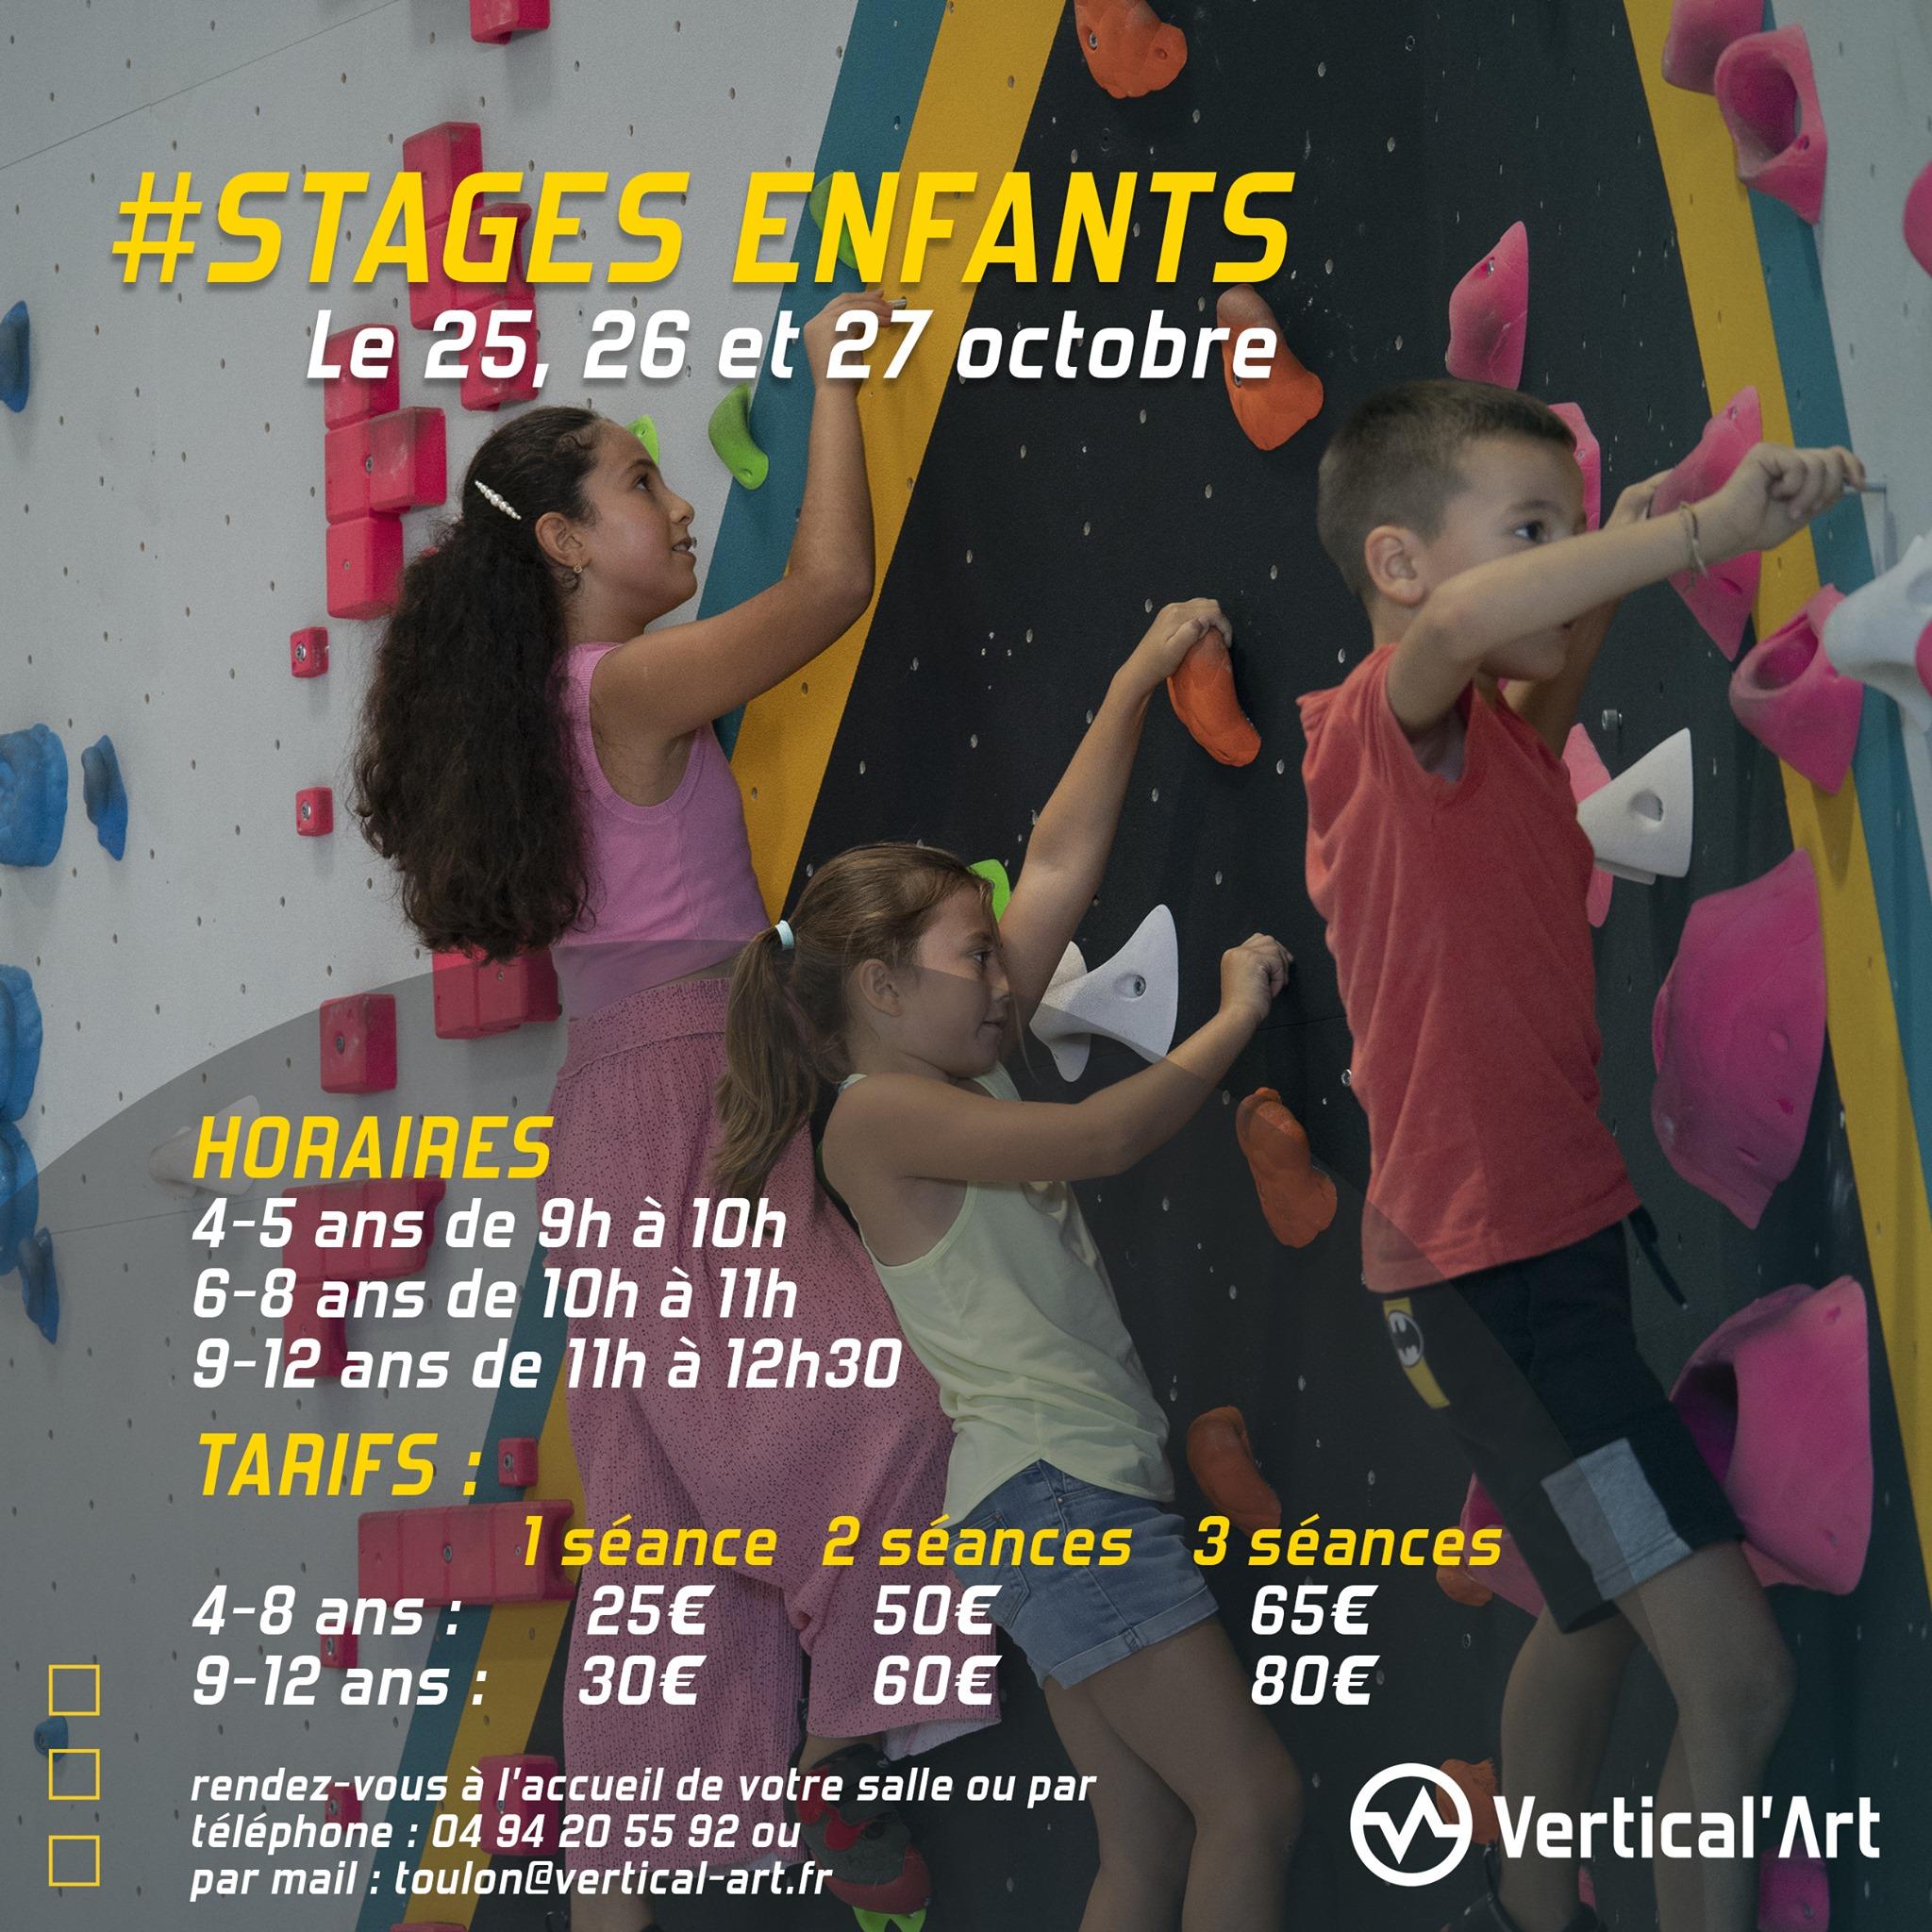 Stages enfants vacances de la Toussaint à Vertical'Art Toulon, les 25, 26 et 27 octobre, inscriptions ouvertes